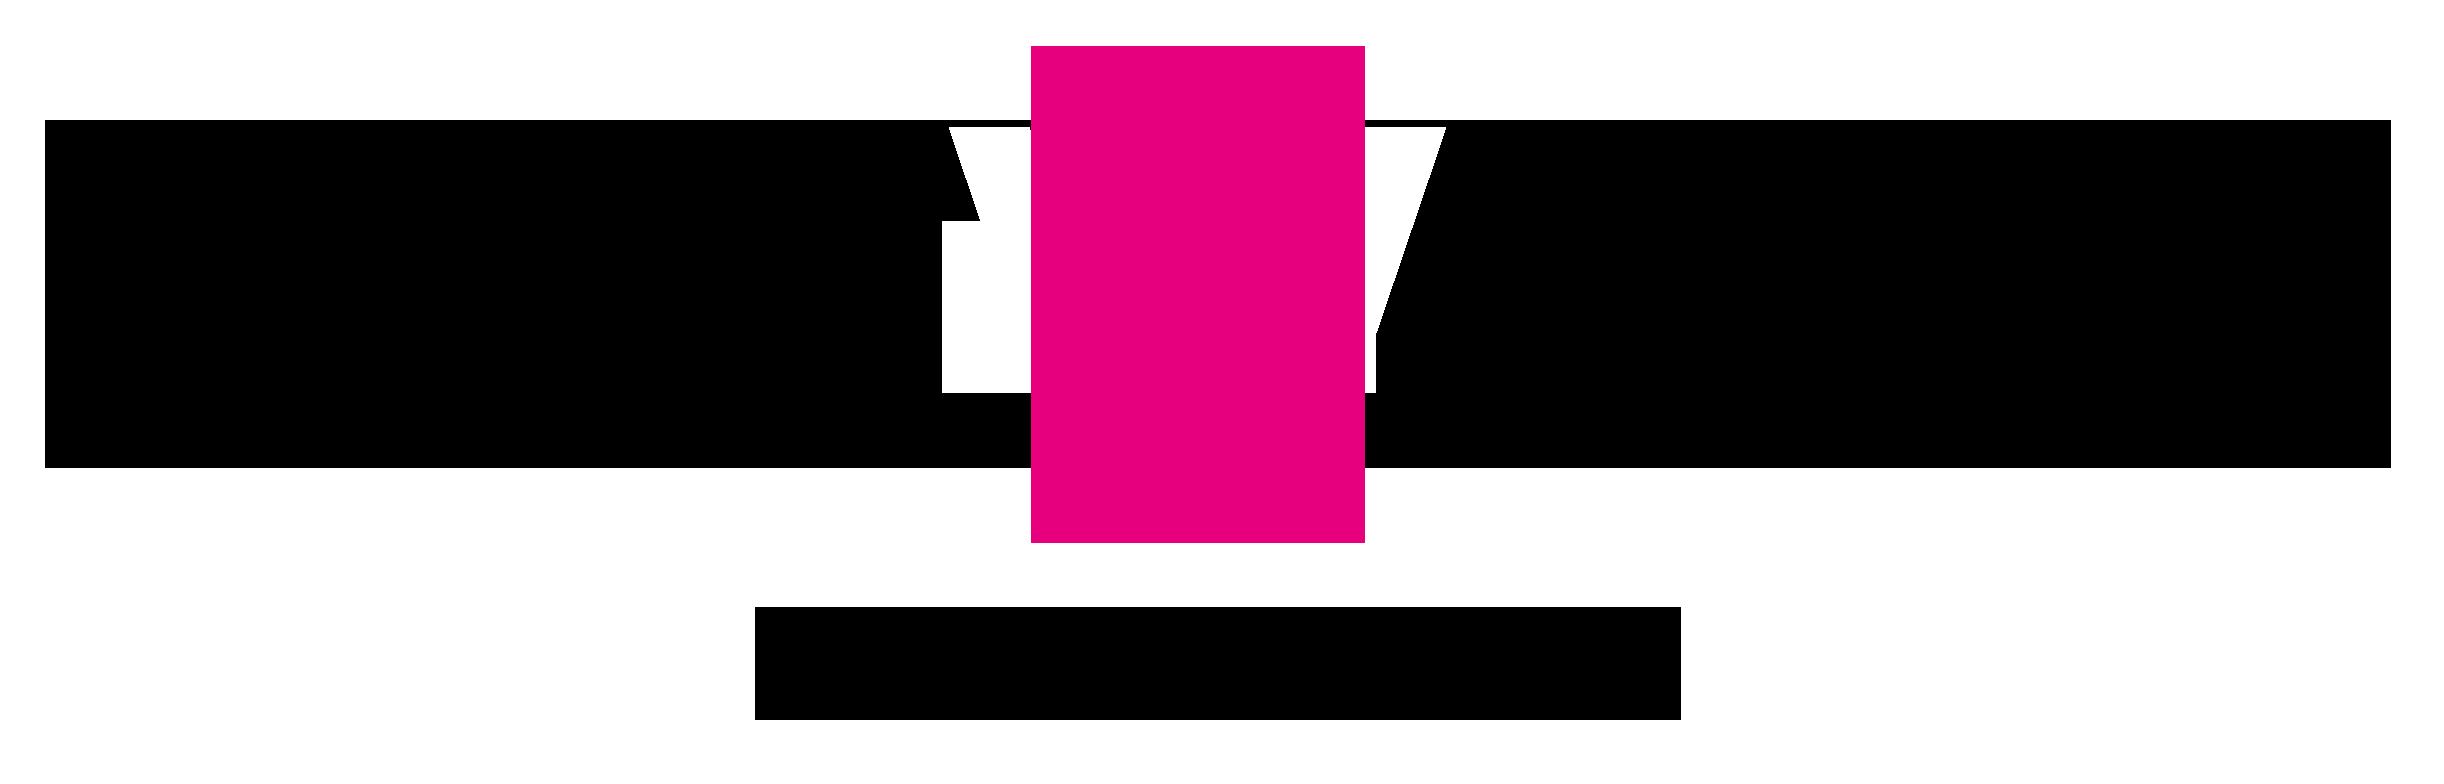 L'evento è organizzato da BIS-lab® | Gruppo Contec nell'ambito di FORWARD (forward.gruppocontec.it), il nuovo spazio di Gruppo Contec per la divulgazione e la creazione di cultura su temi legati all'innovazione e nuove prassi nel comparto delle costruzioni.